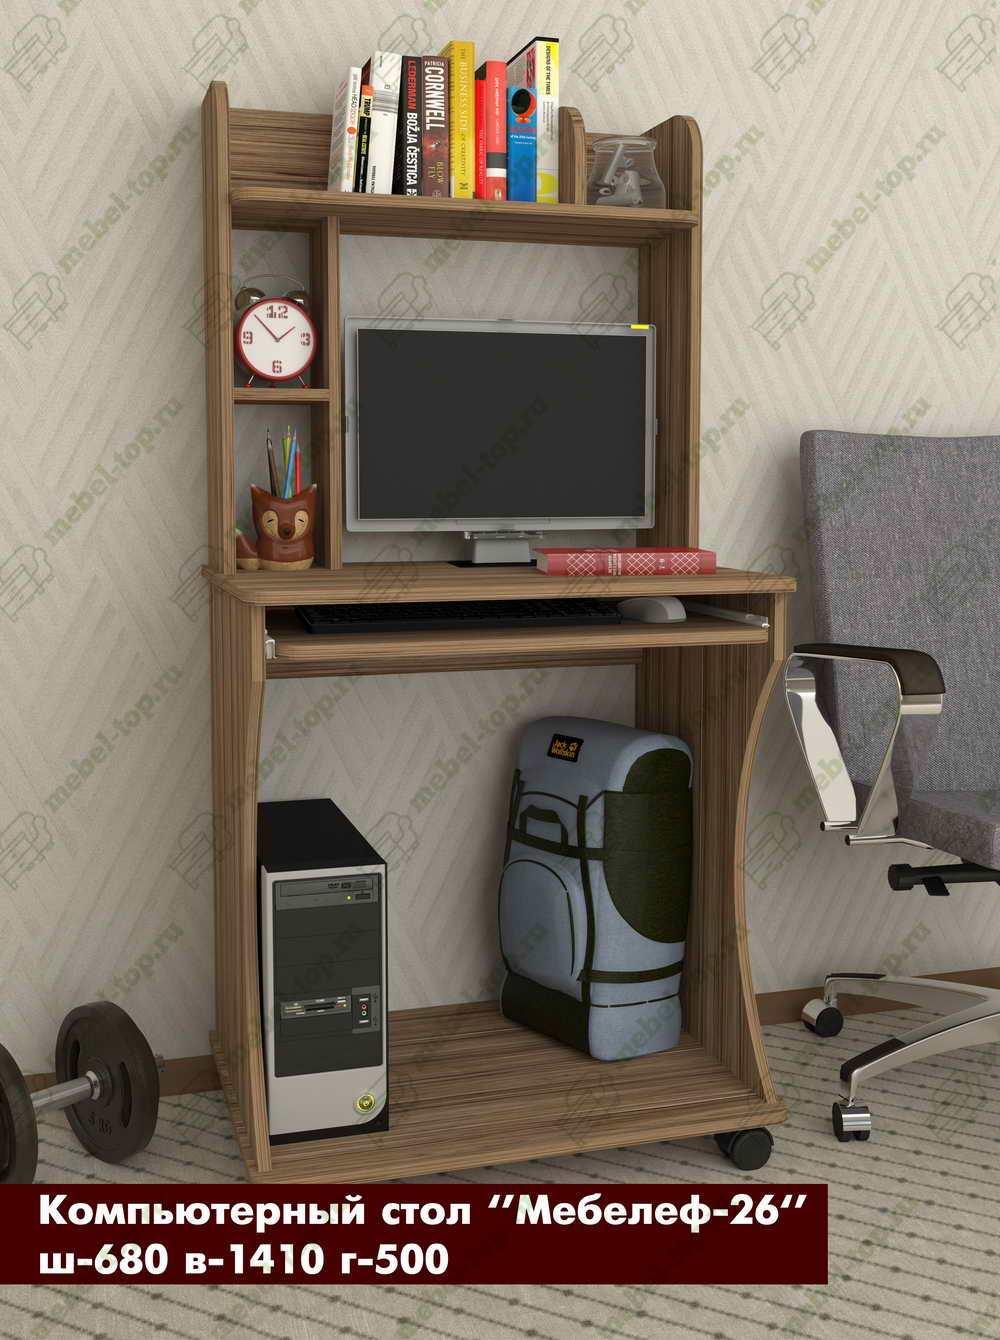 Компьютерный стол Мебелеф-26 фото